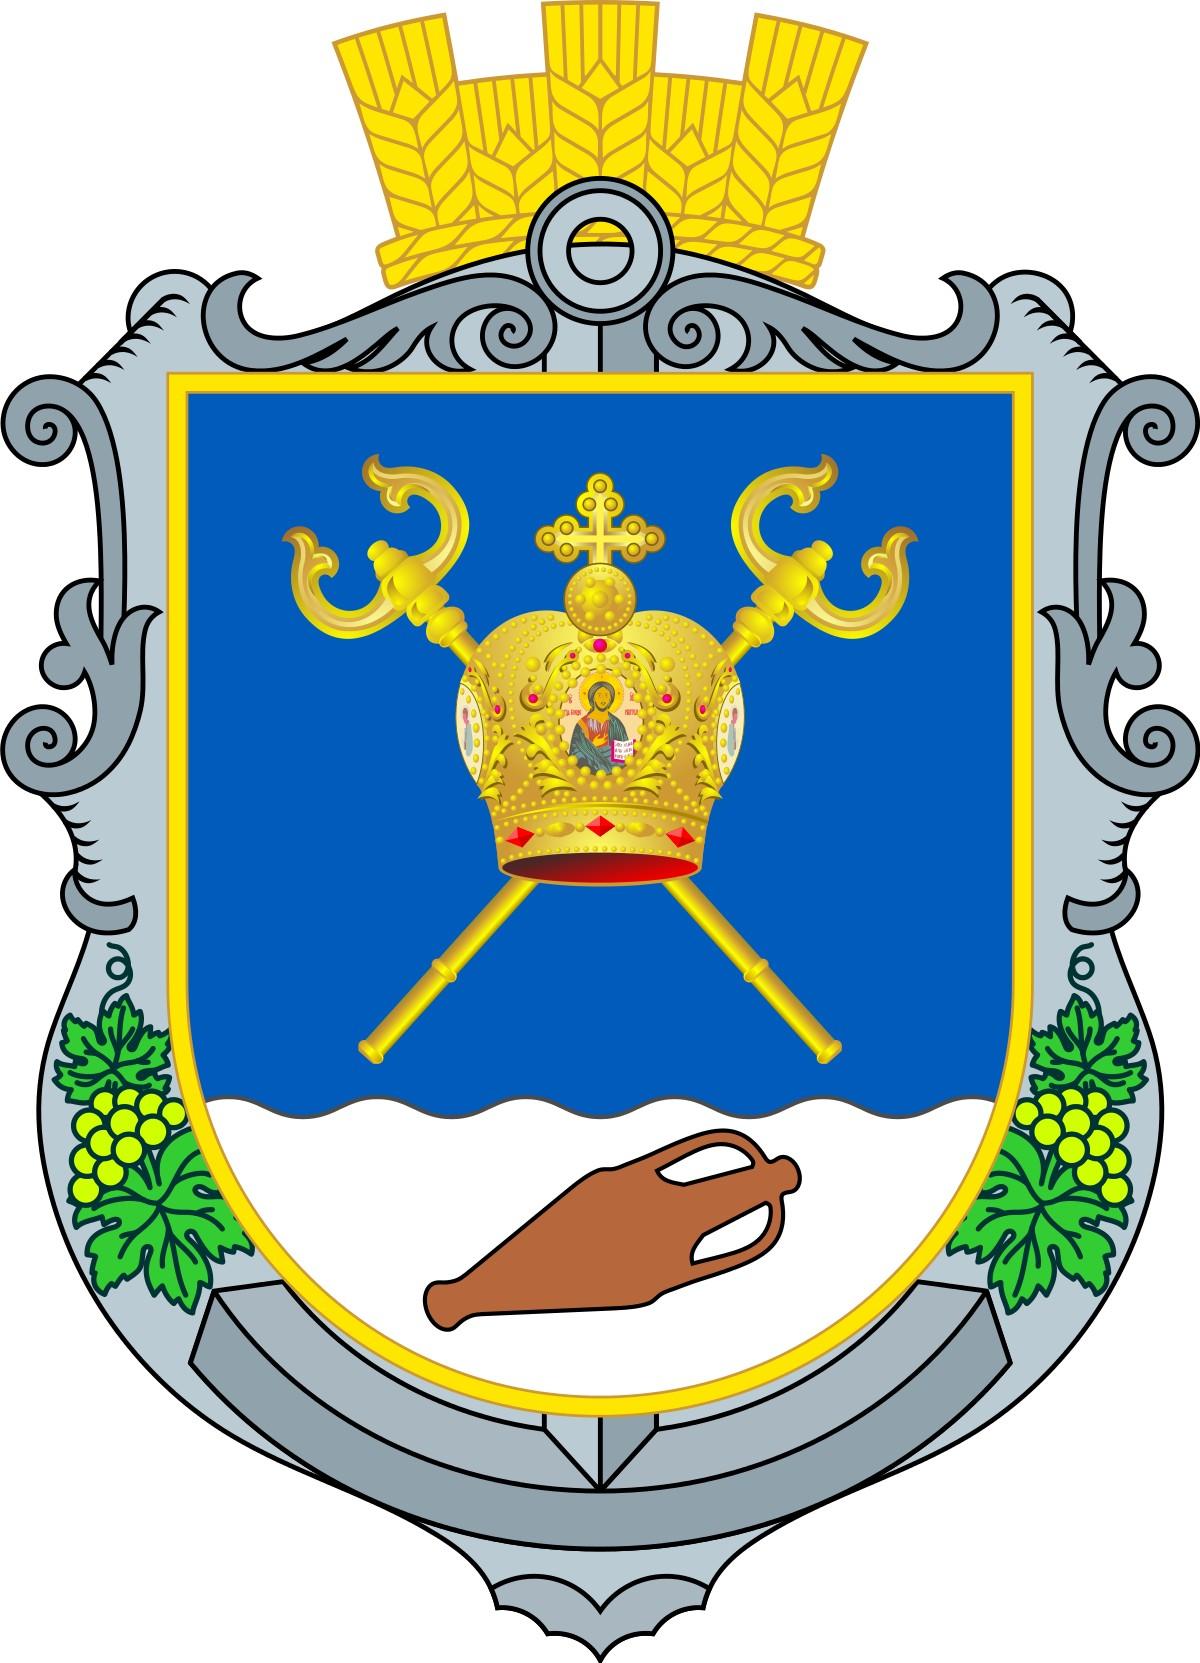 Відбулося засідання Координаційної ради з питань розвитку житлового будівництва у Миколаївській області